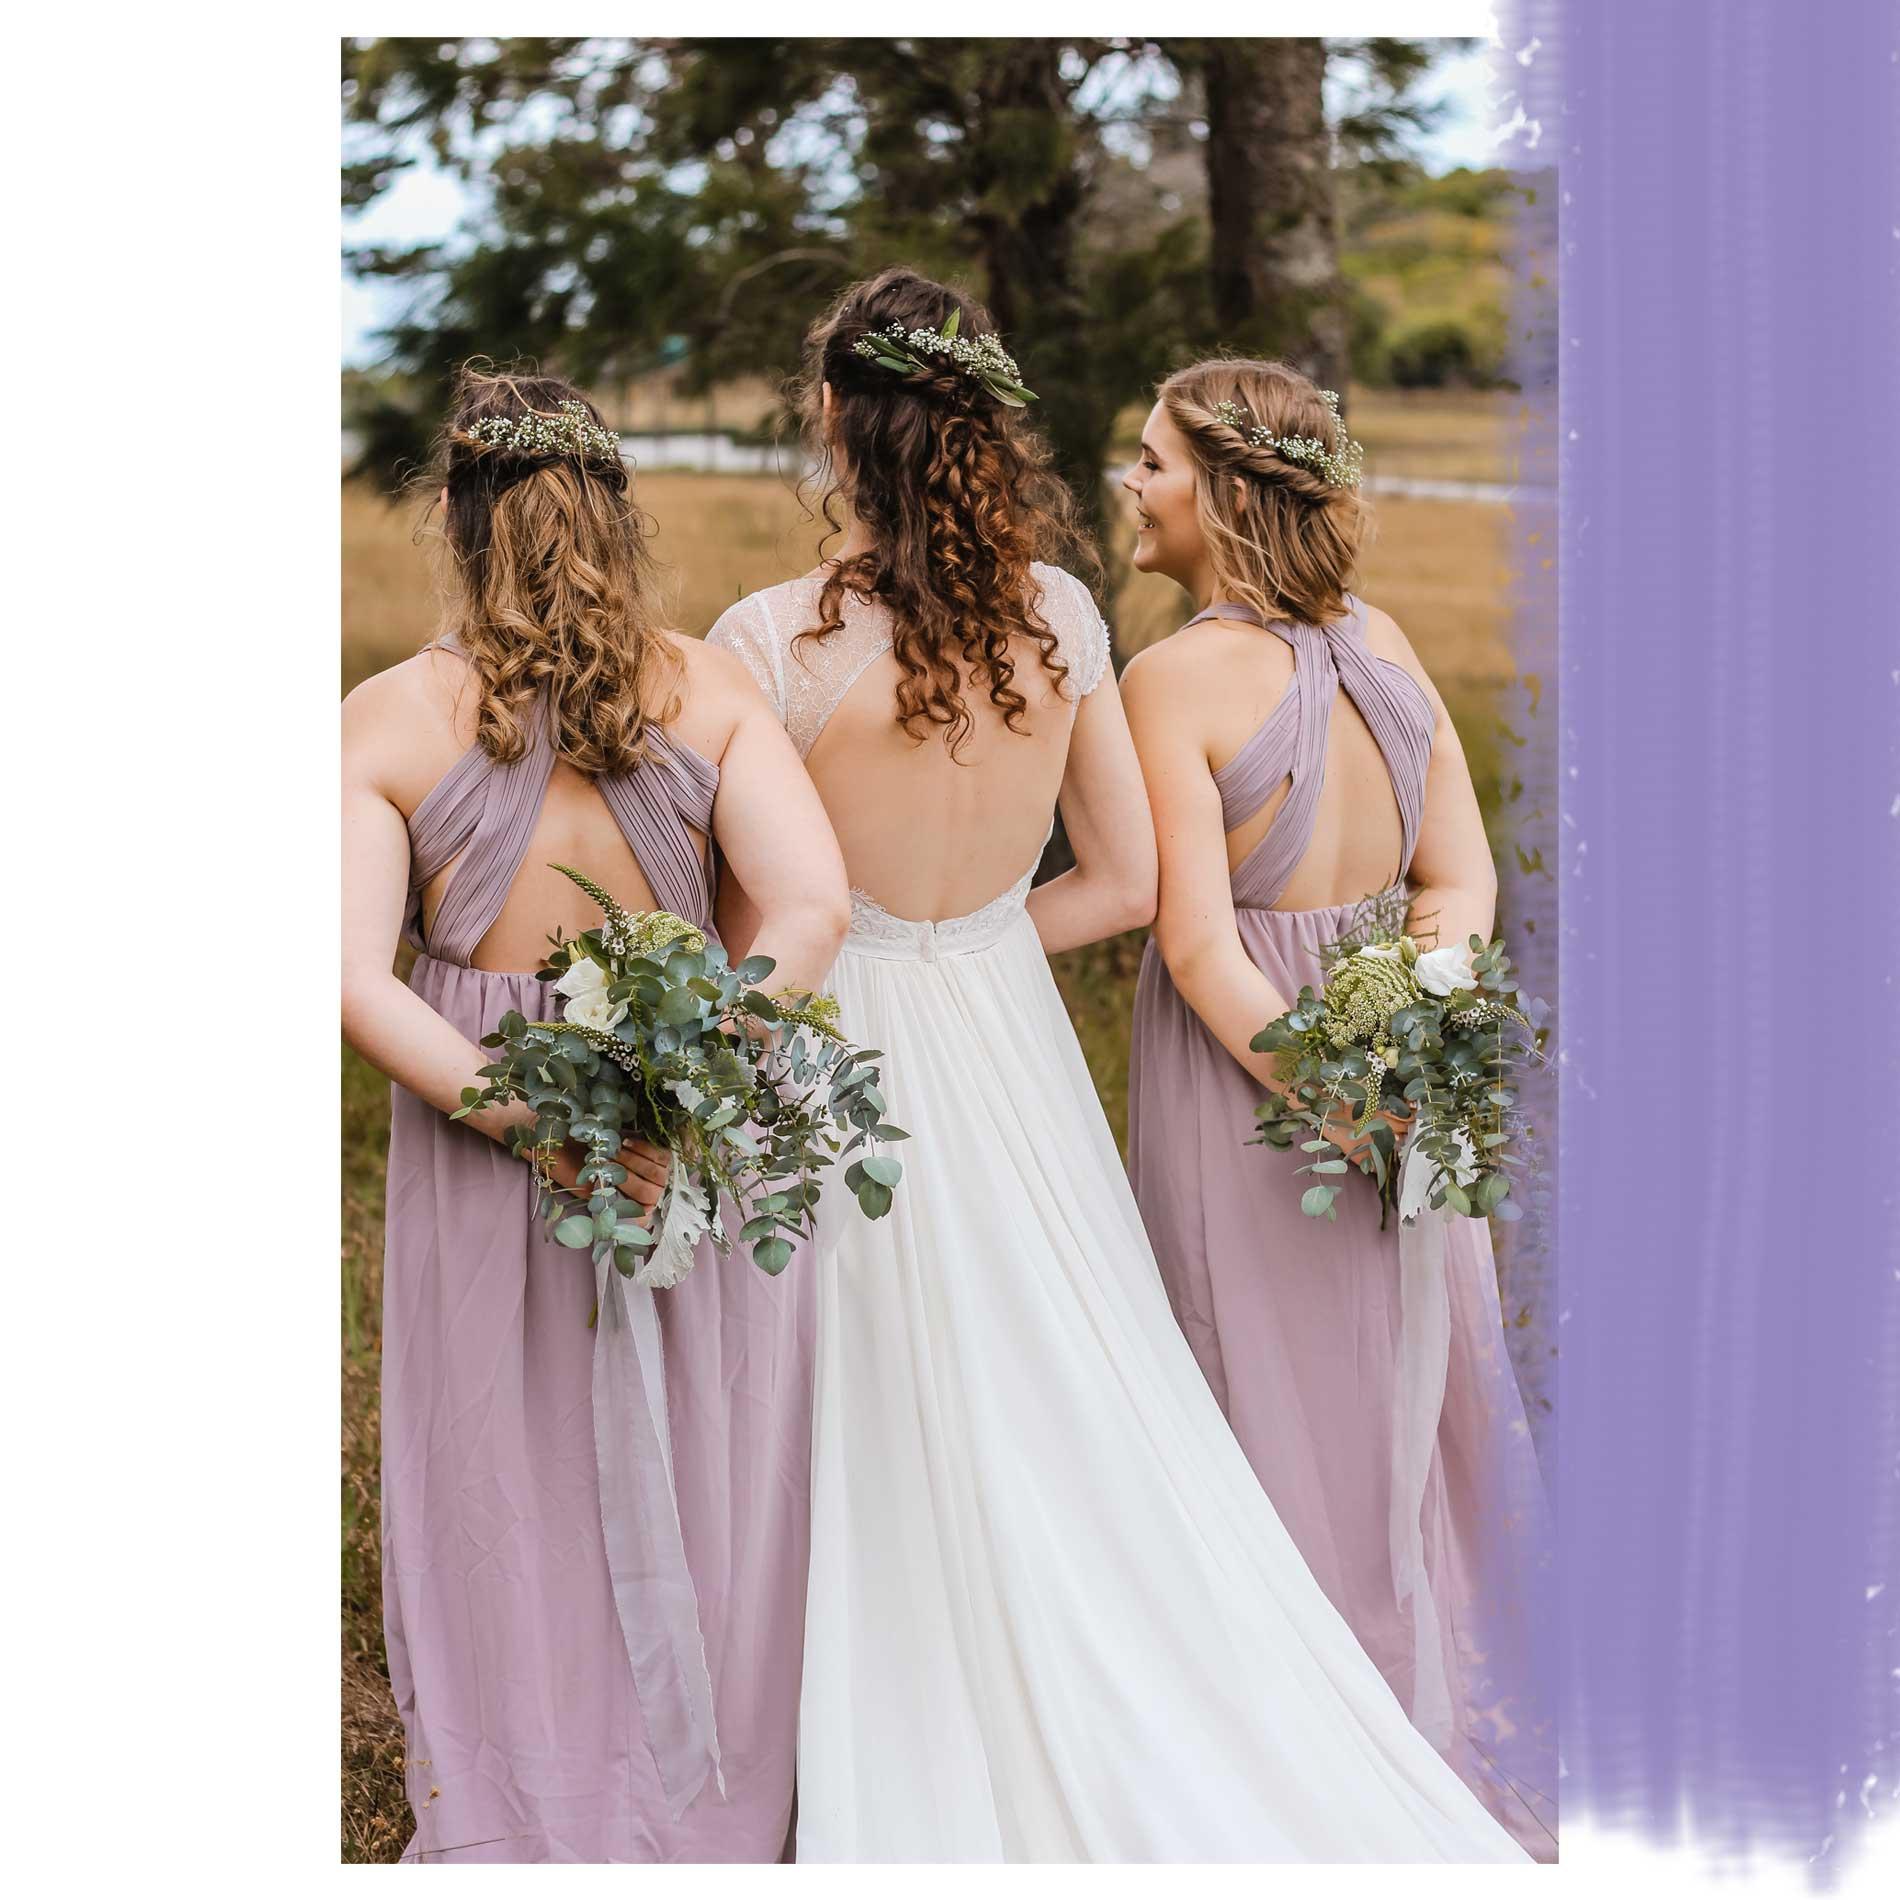 Hochzeit 2019: Wir Zeigen Tolle Kleider Für Hochzeitsgäste!